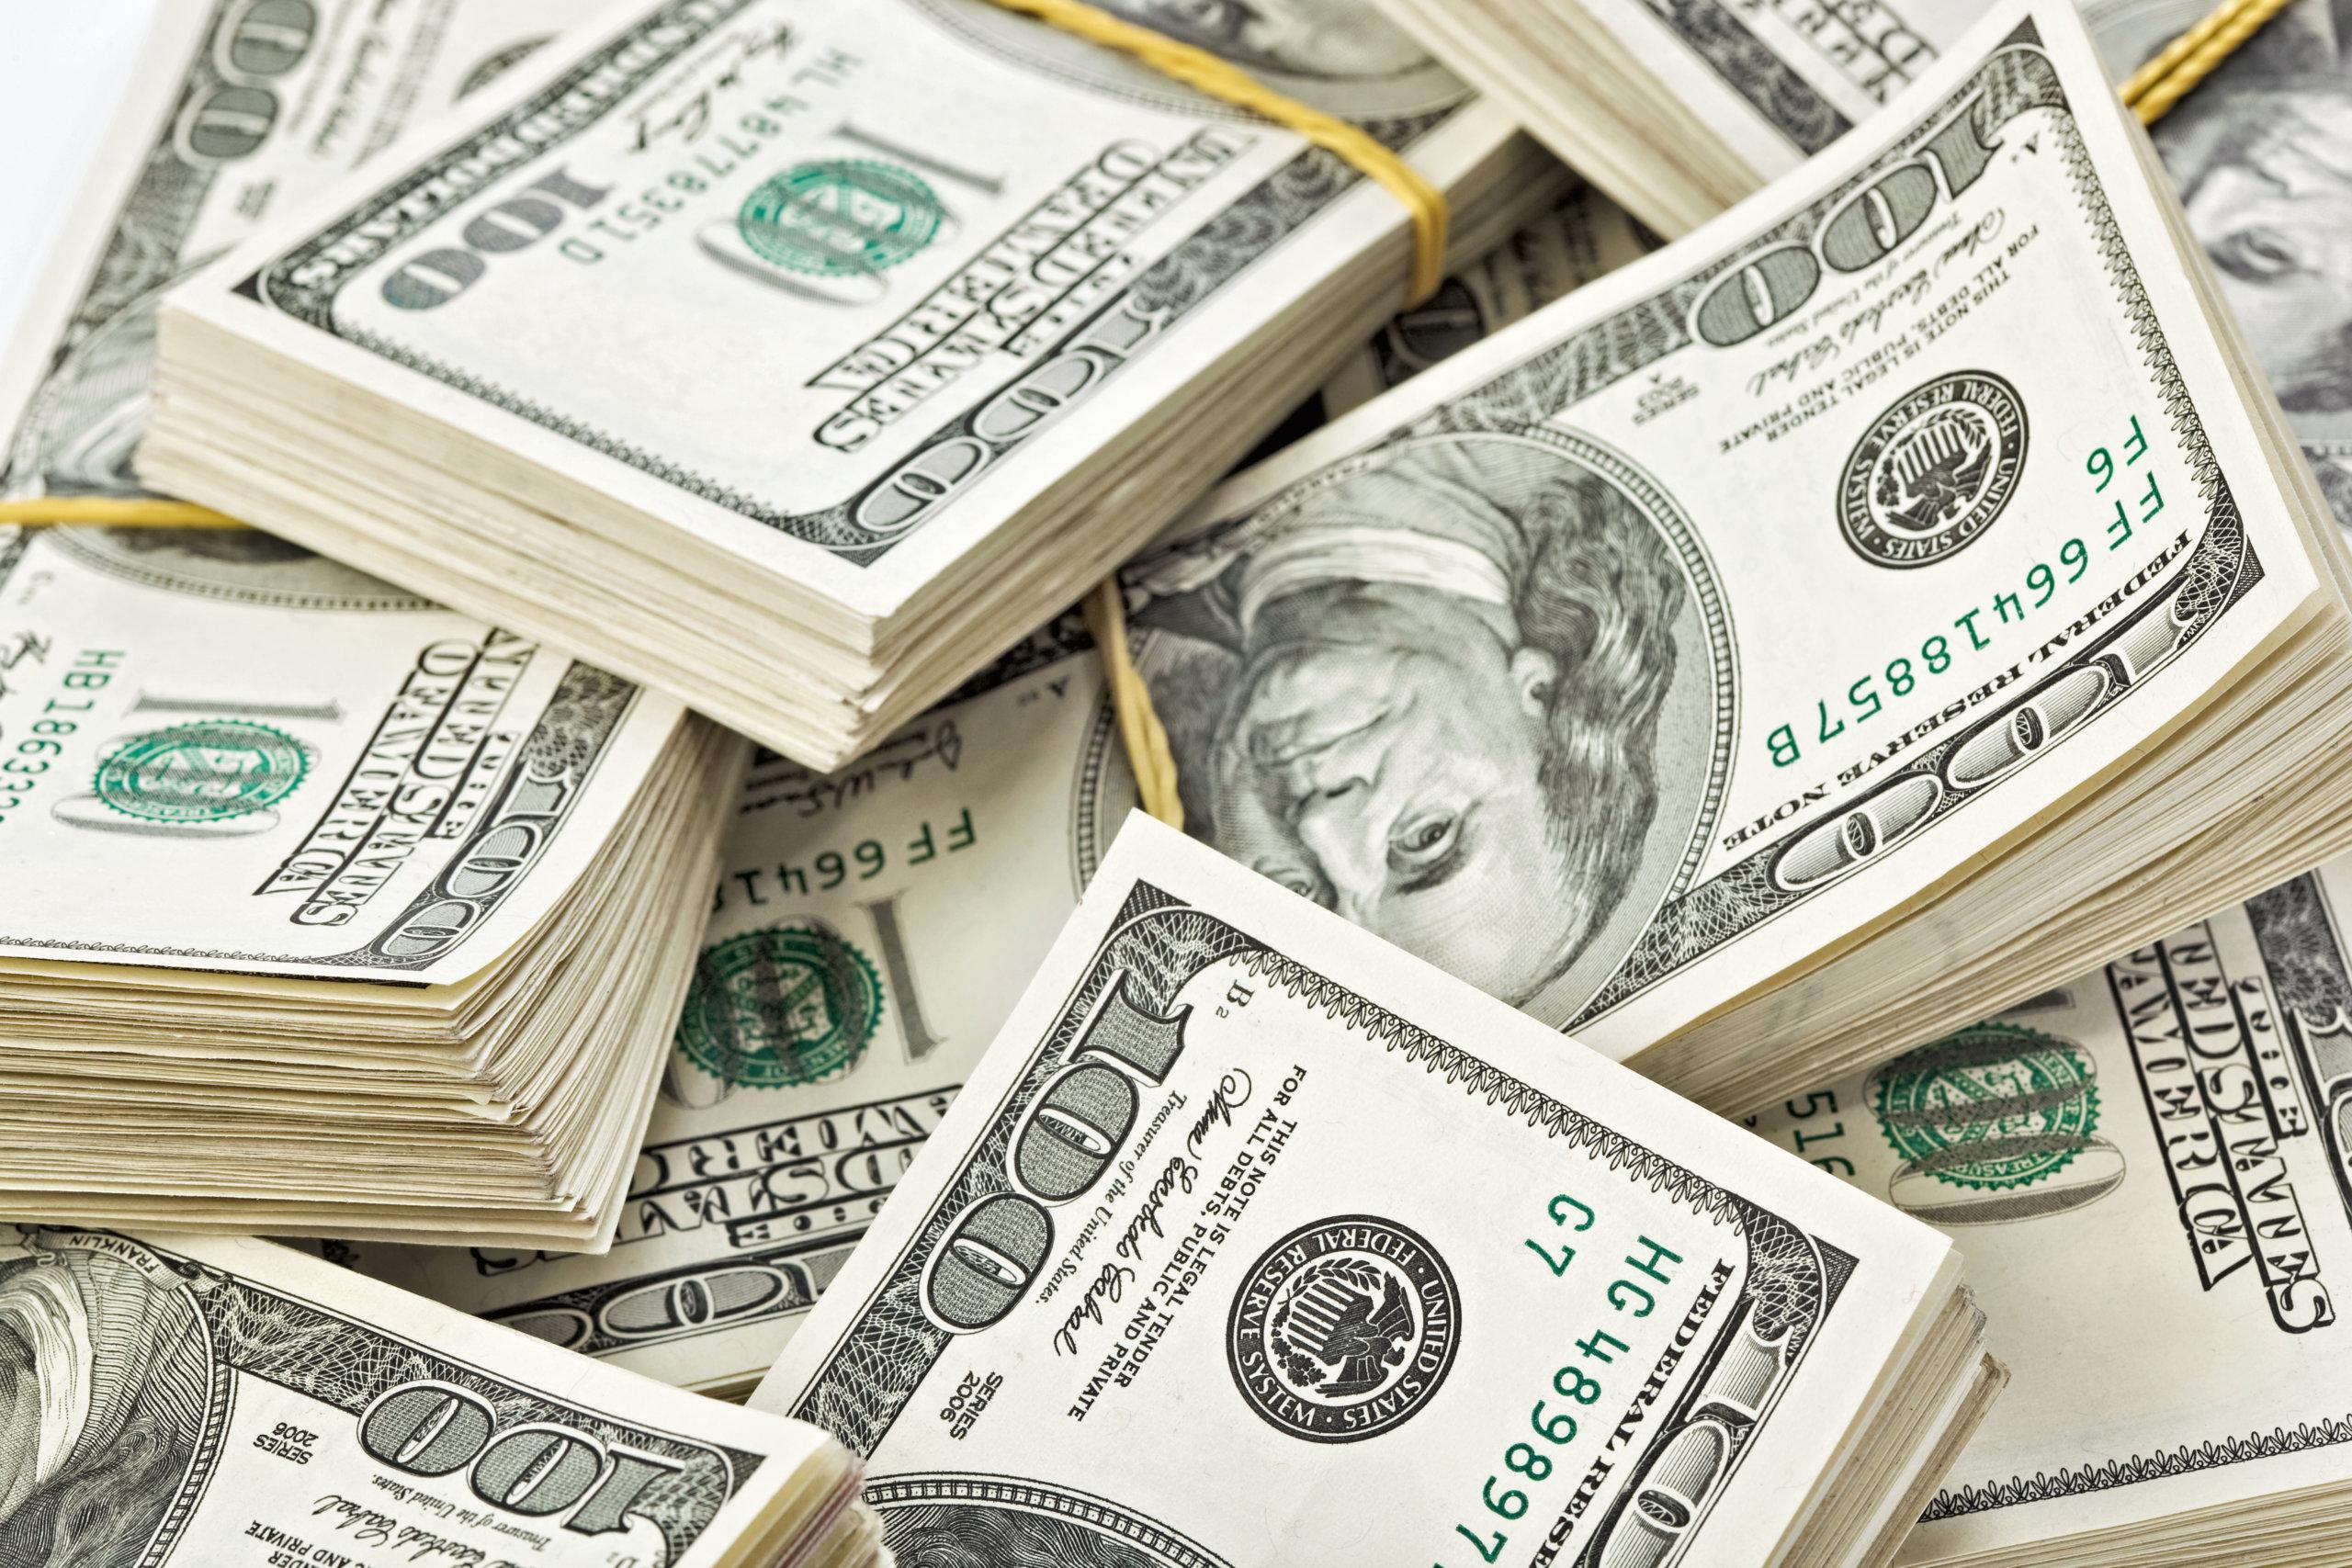 invistaja.info - Colapso da Archegos pode custar US$ 10 bilhões a bancos globais